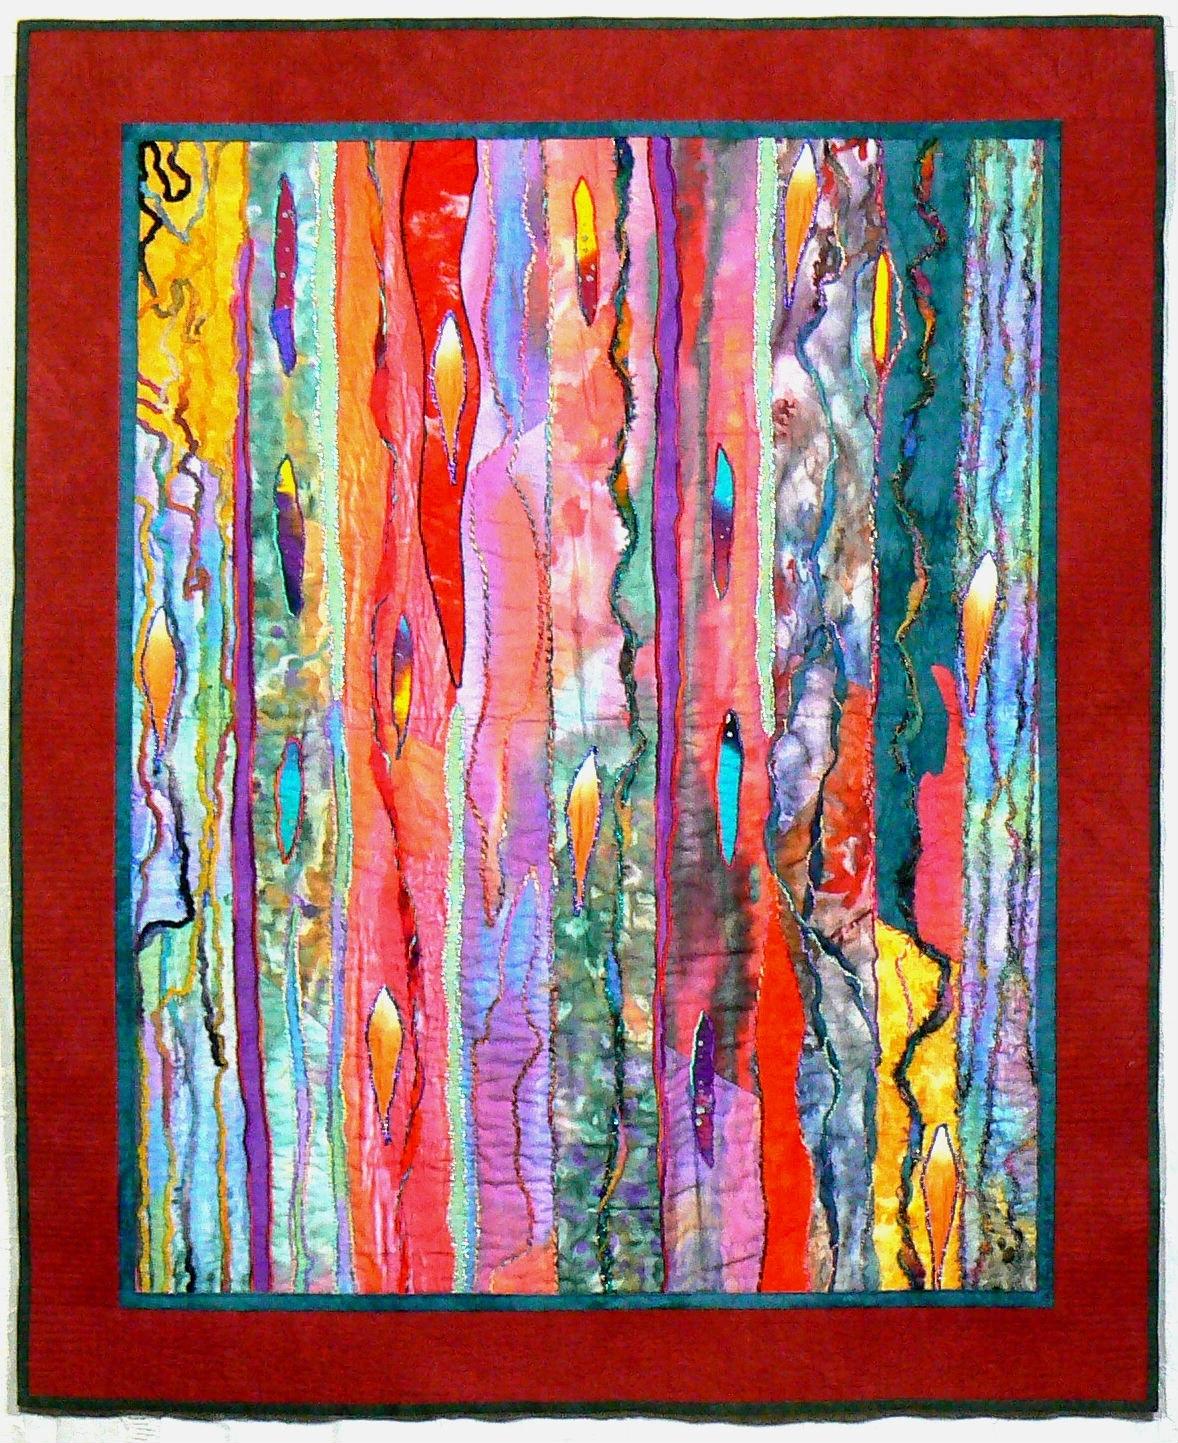 Fiber Art Quilt, Art Wall Hanging, Contemporary Quilt, Modern Art Throughout Most Popular Quilt Fabric Wall Art (View 4 of 15)